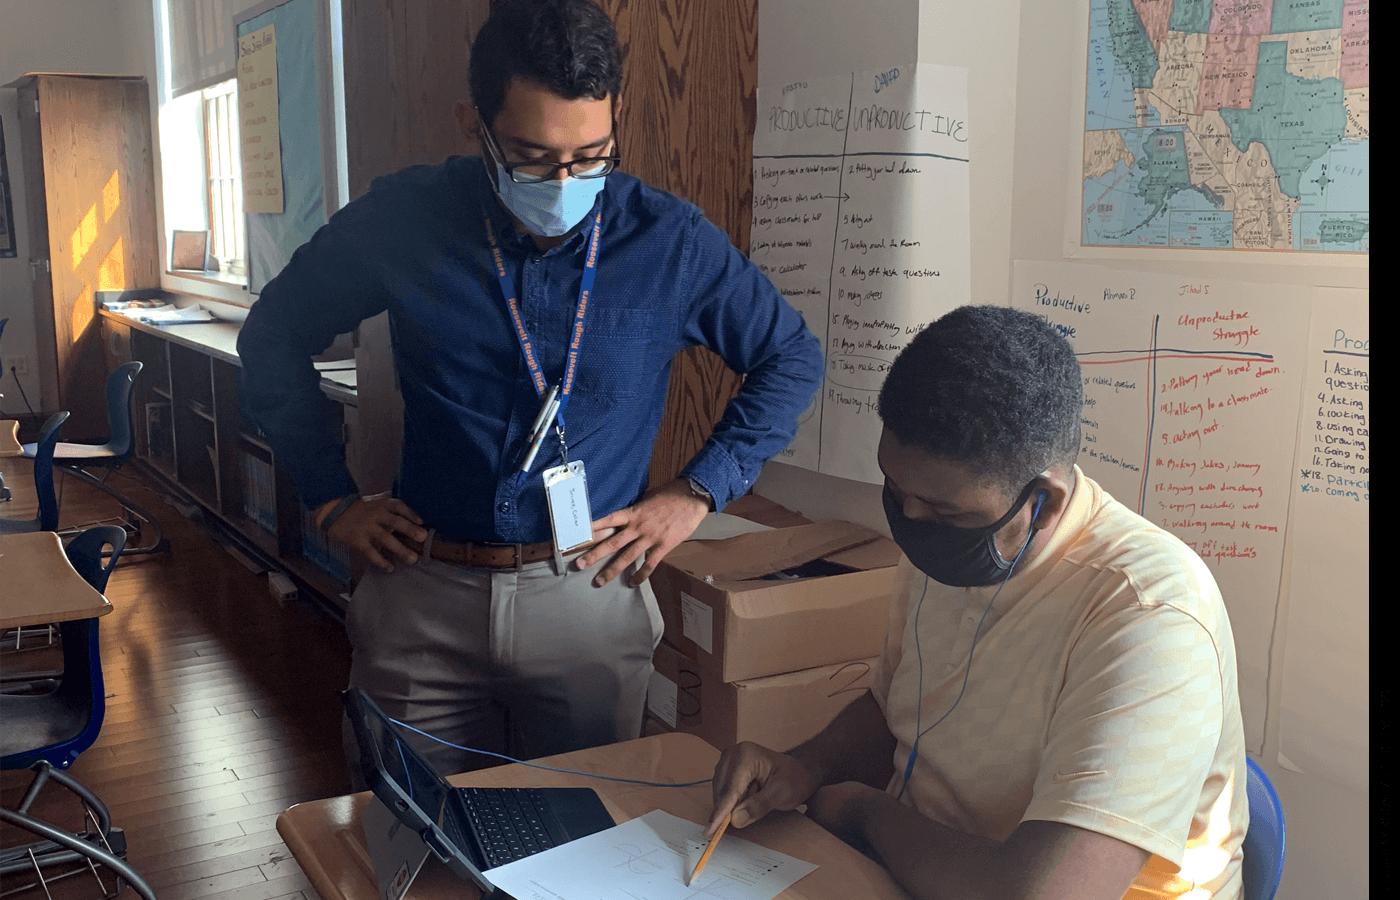 Roosevelt High math teacher Juarez Cesar helps a student with his work.